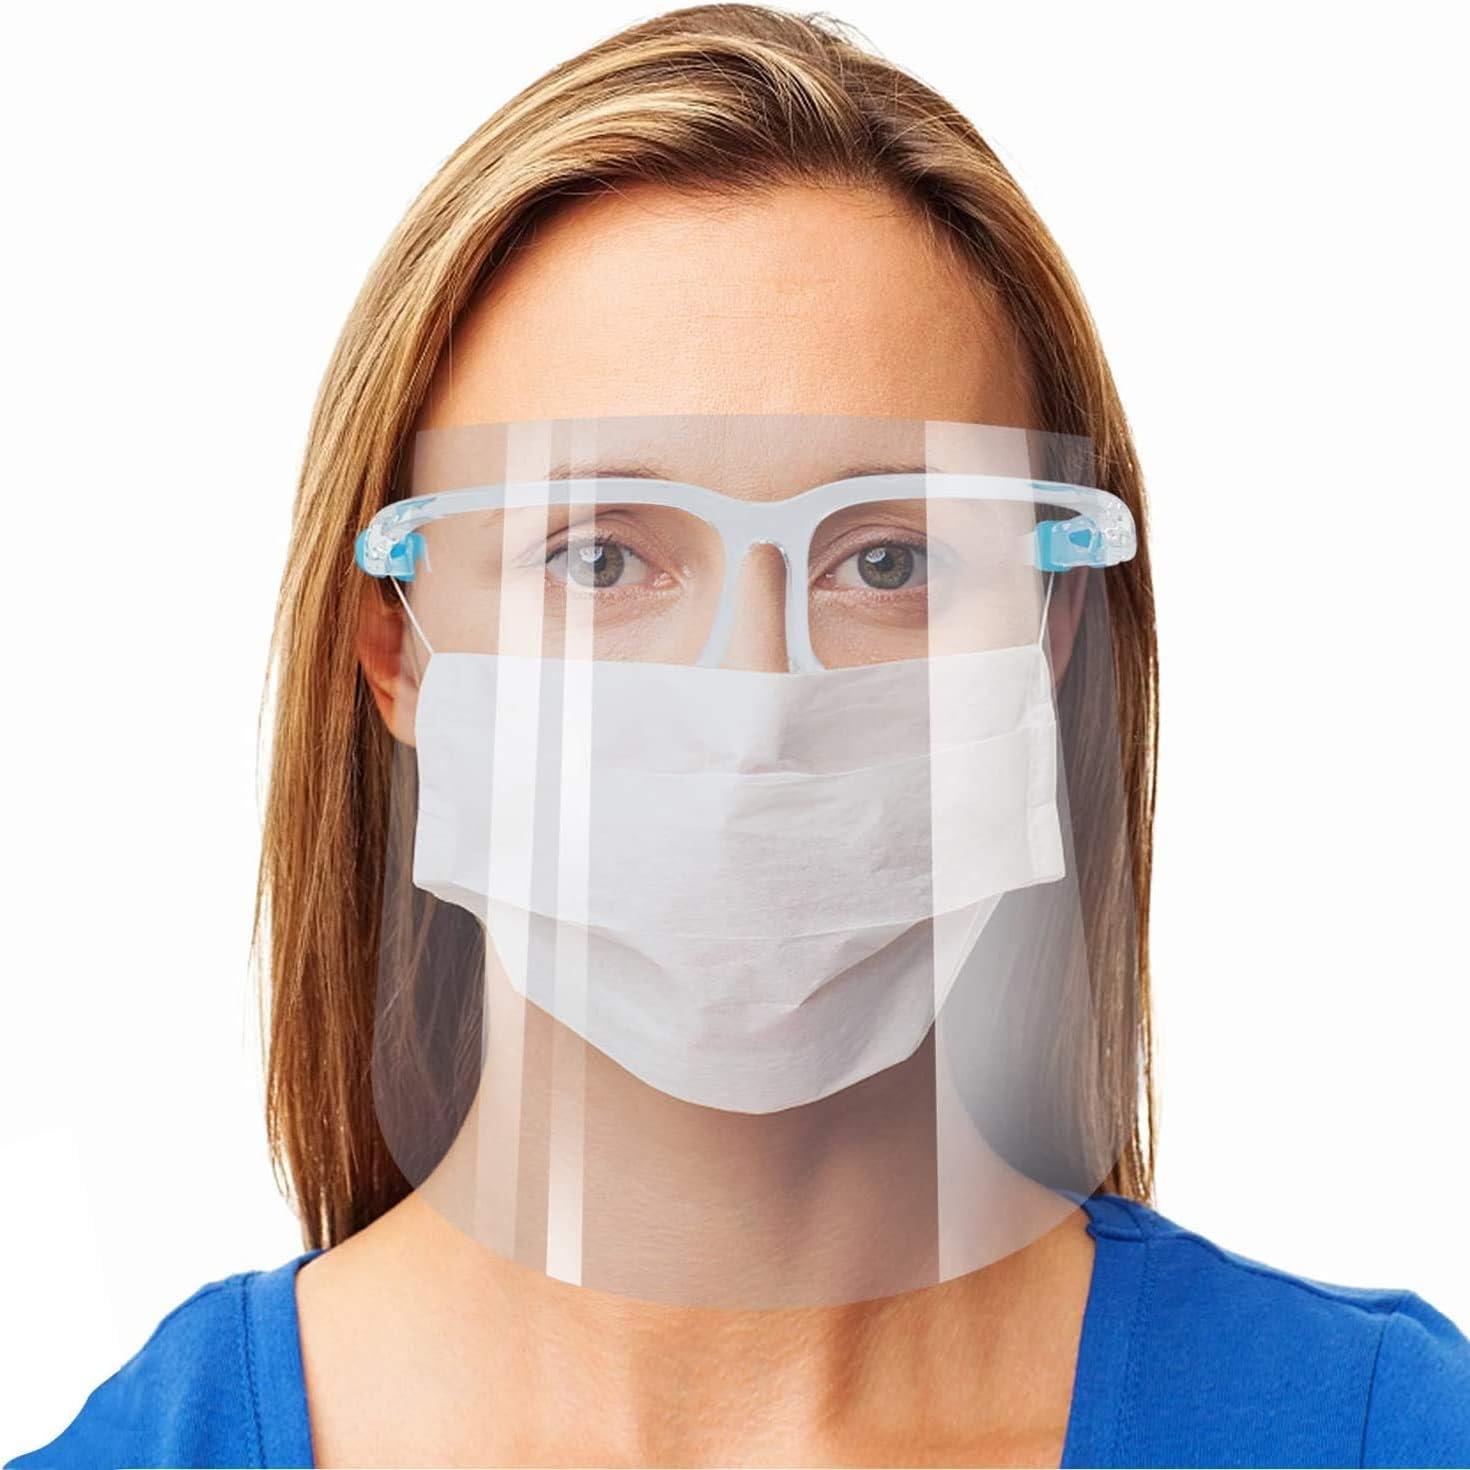 20PC Childen Fog-Accesorio Gratuito para mascarillas faciales Evita Que los anteojos se empa/ñen Soporte de mascarilla Facial Marco de Soporte Interno Tira de Puente Nasal de Silicona antivaho